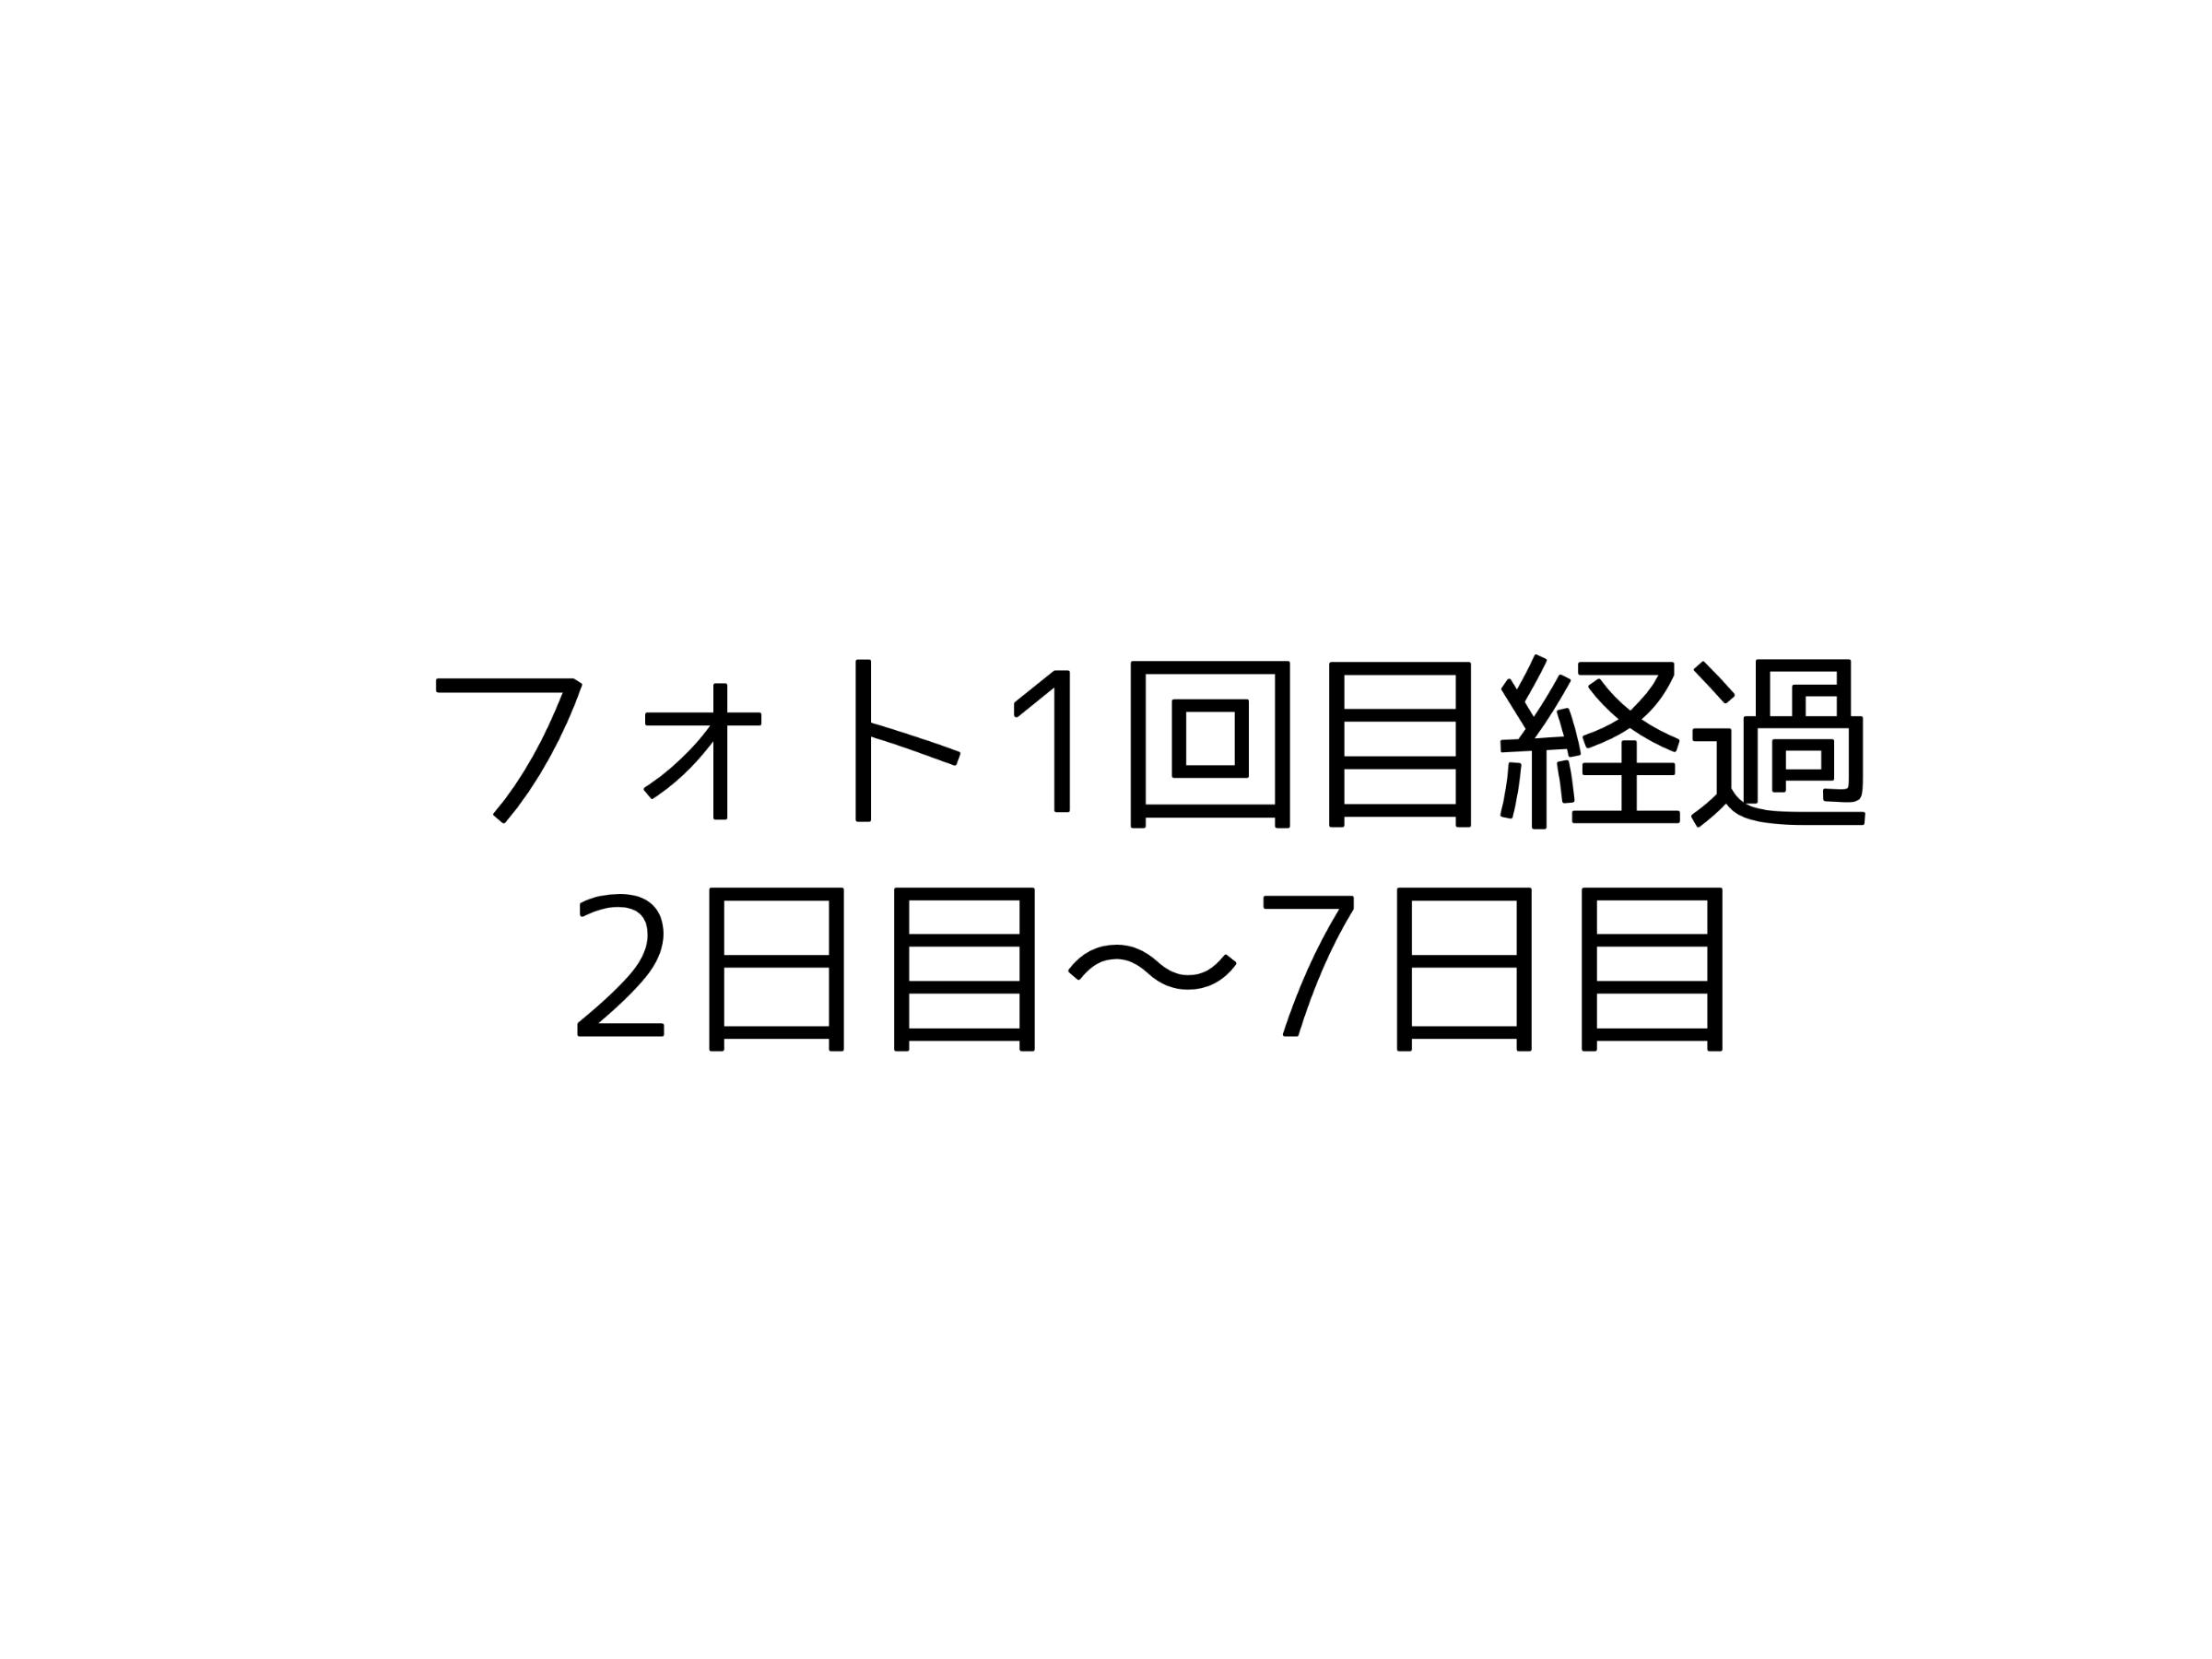 フォト1回目経過2日目〜7日目